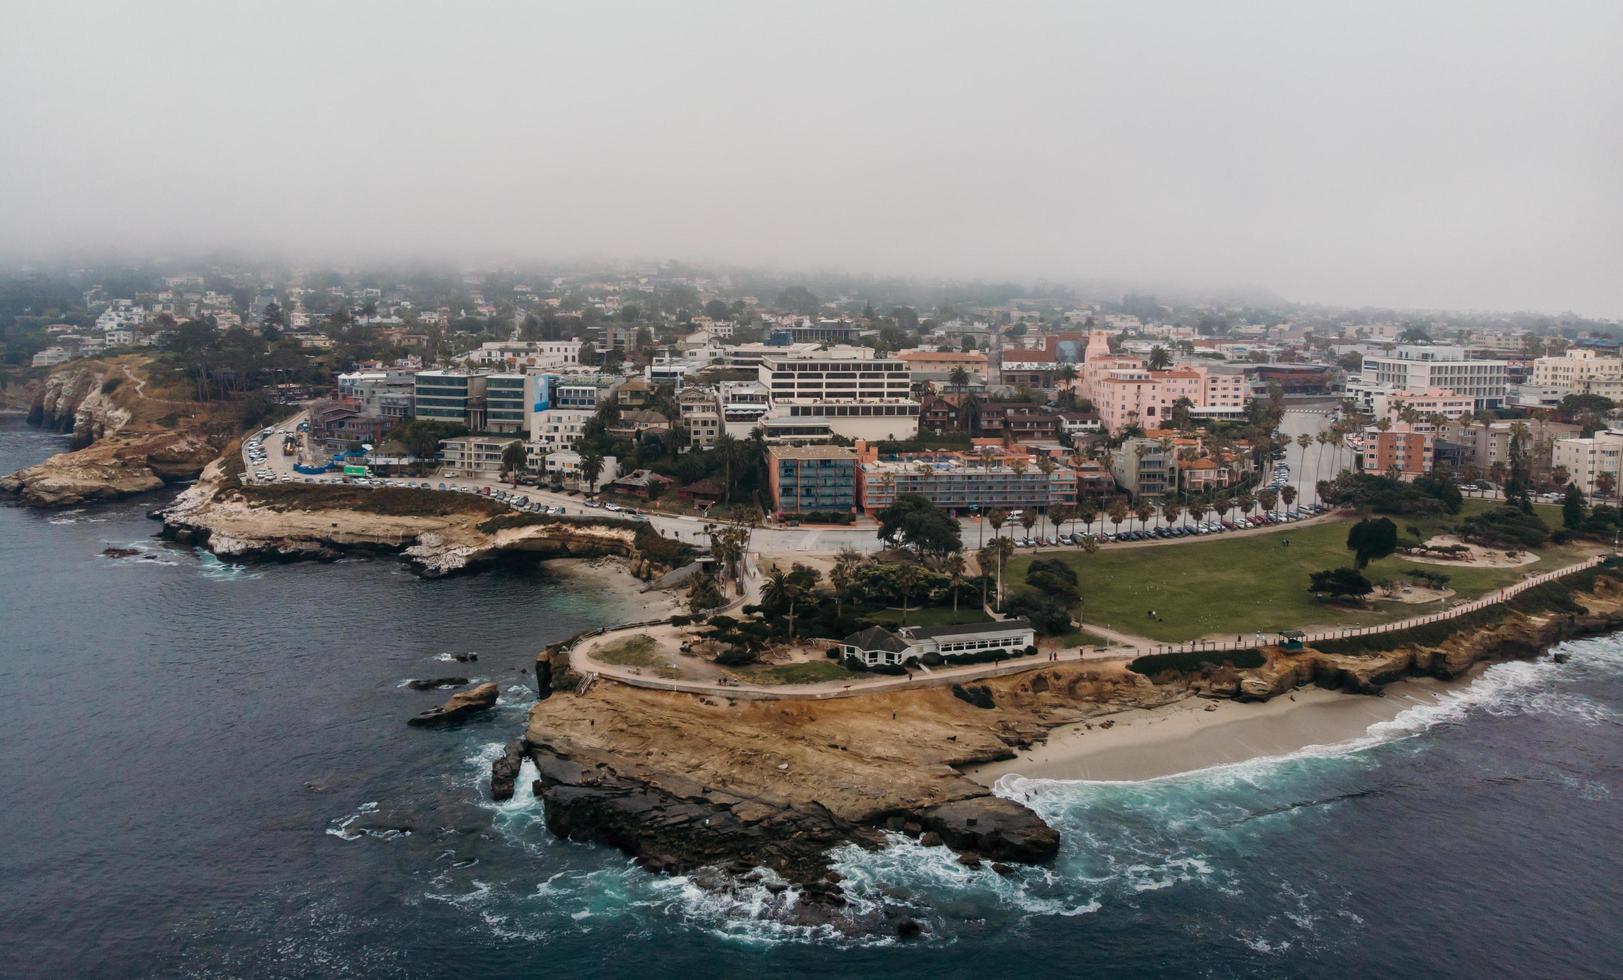 flygfotografering av kustbyggnader foto